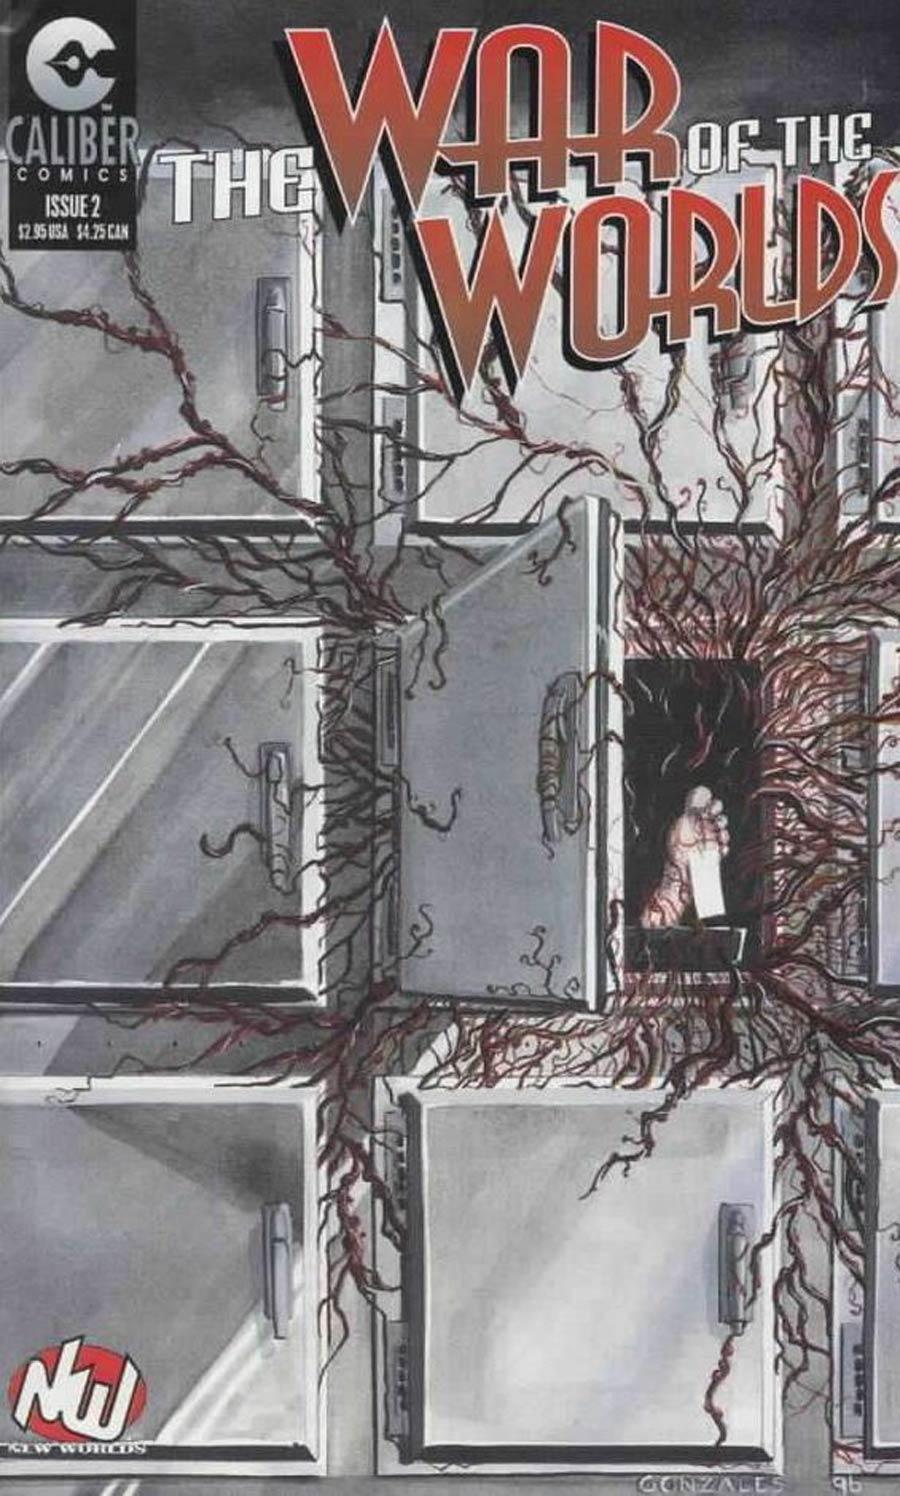 War Of The Worlds (Caliber) #2